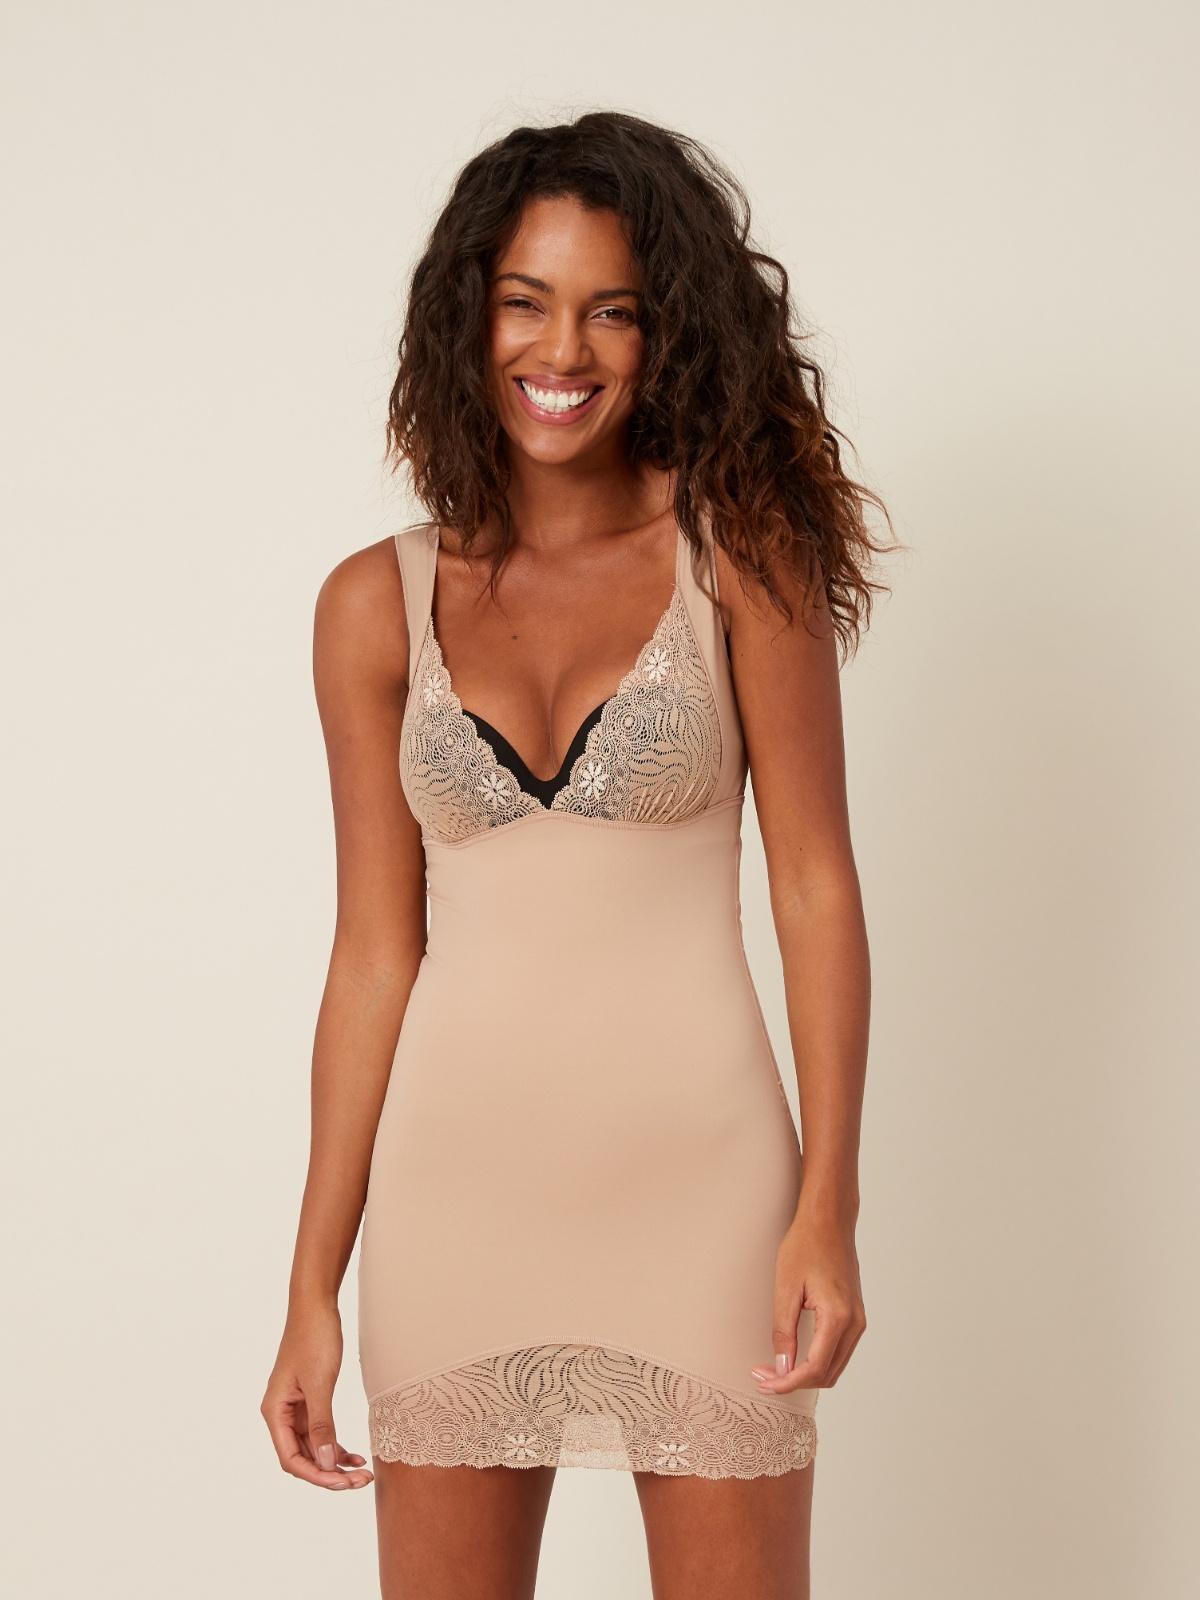 19c84476d8e6 Stahovací spodnička Simone Pérèle Top Model - luxusní spodní prádlo ...